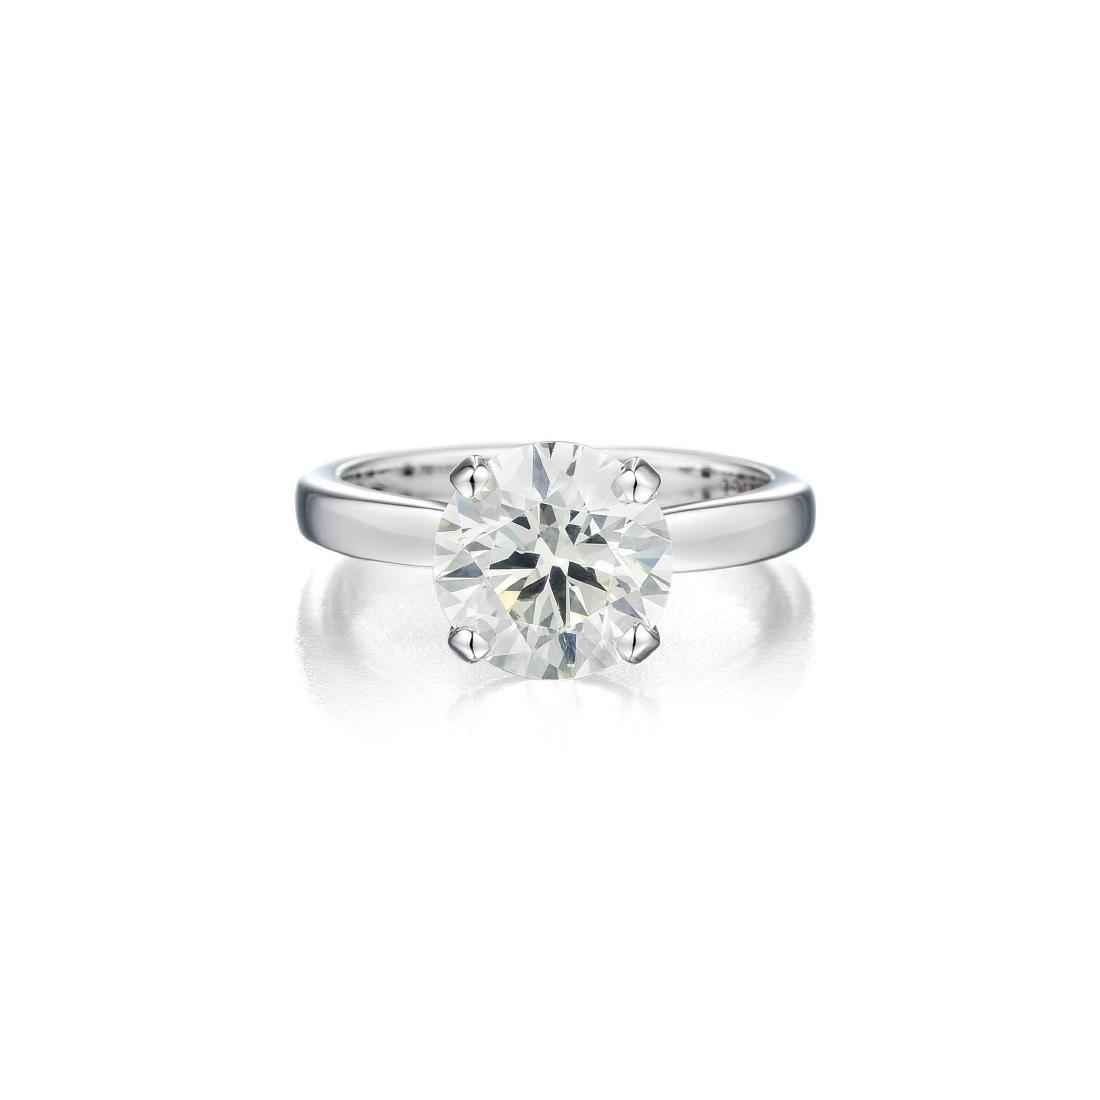 A 3.01 Carat Diamond Ring